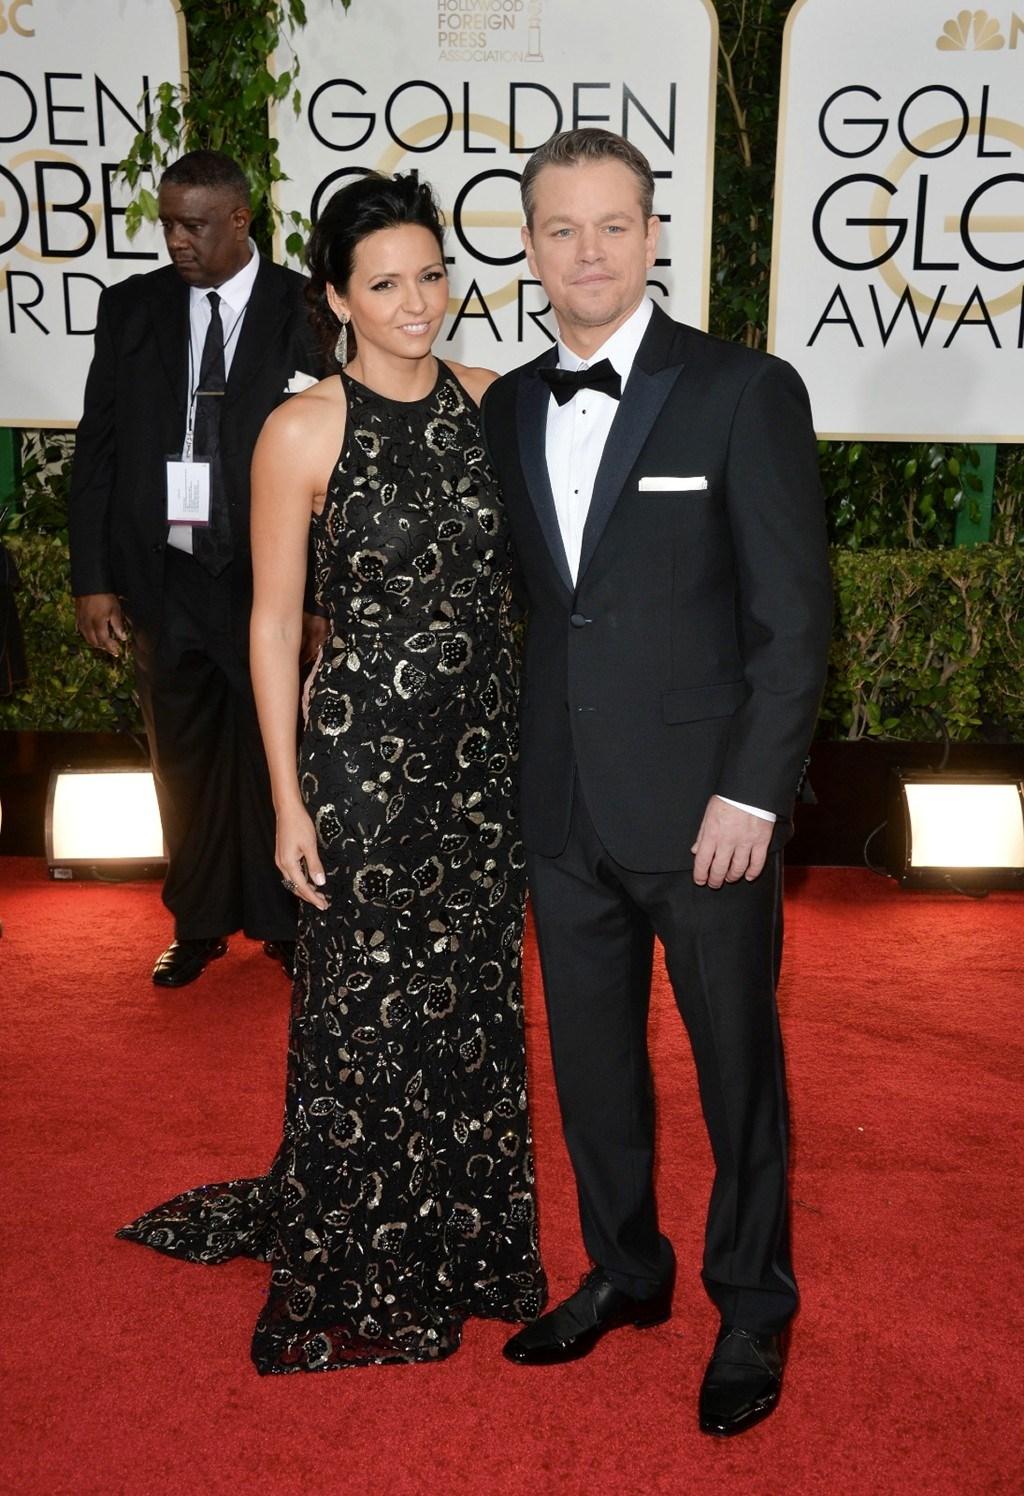 Piaget Golden Globes 2014 7